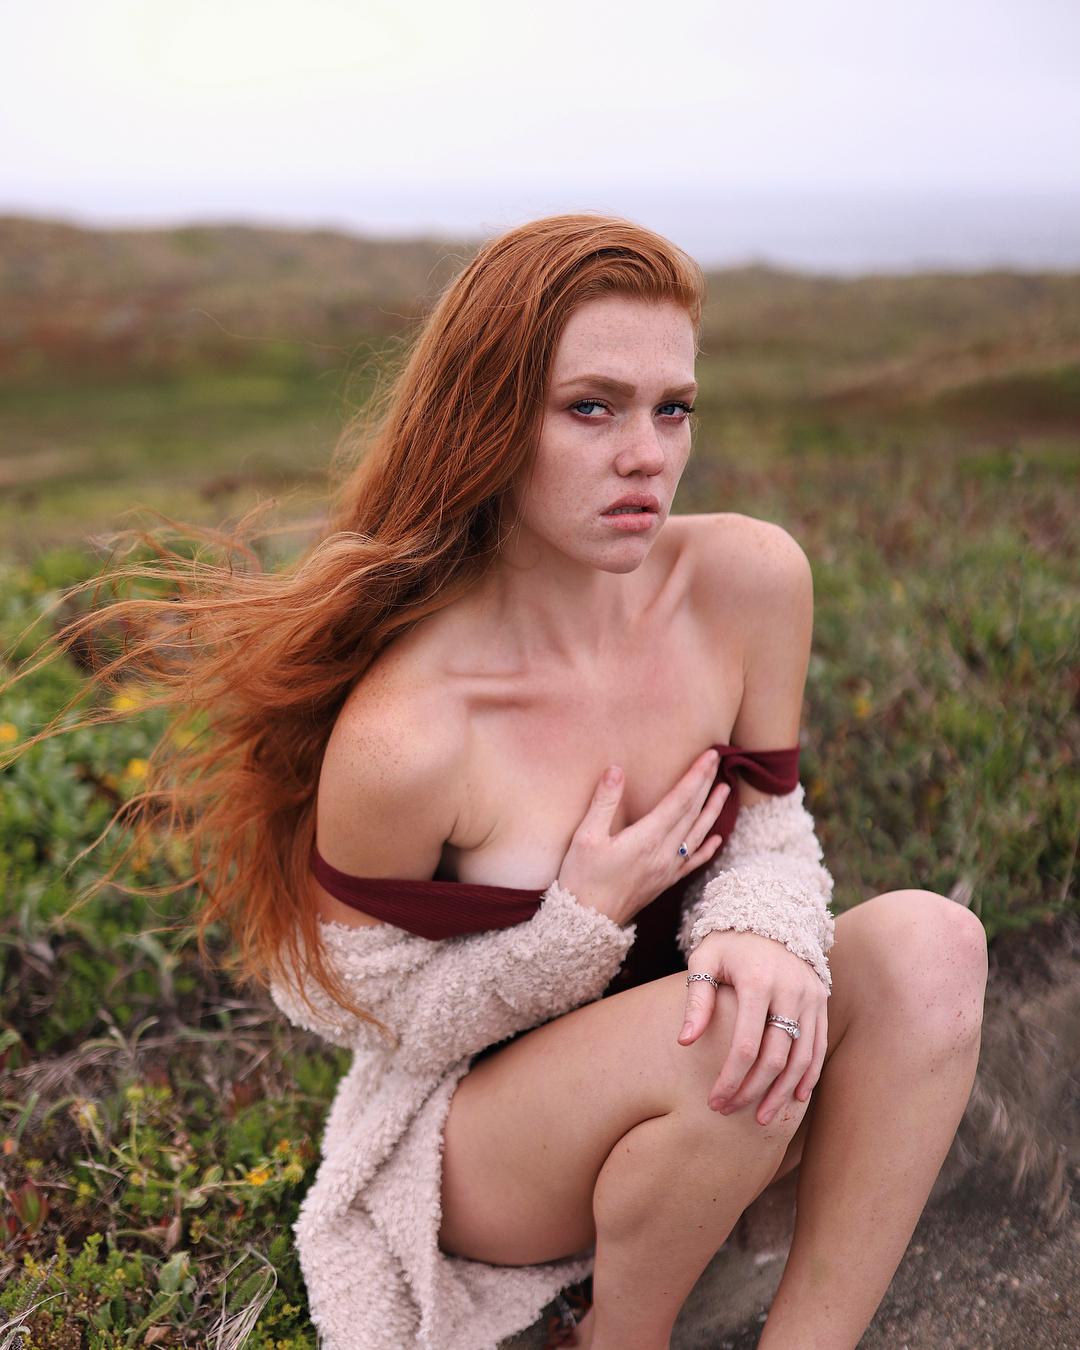 Чувственные снимки девушек от Джордин Мур